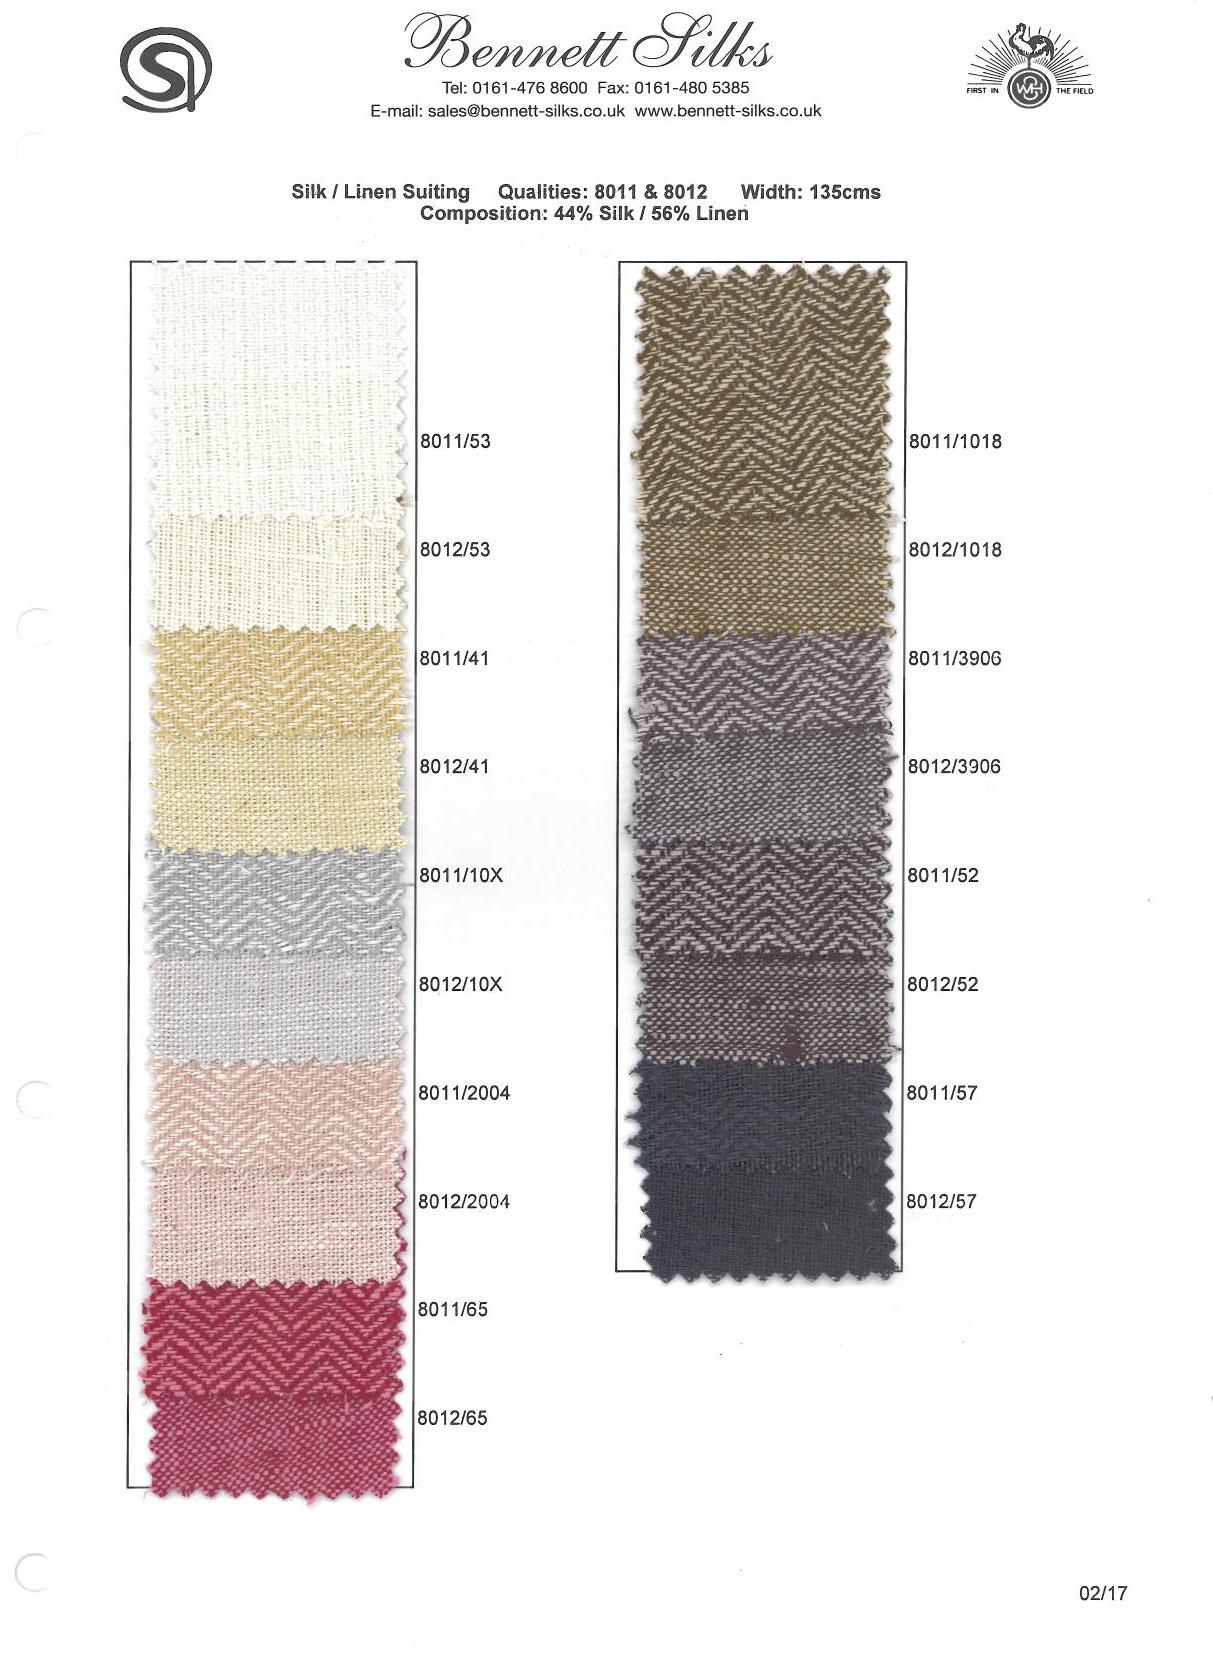 8011 & 8012 Silk Linen Suiting -